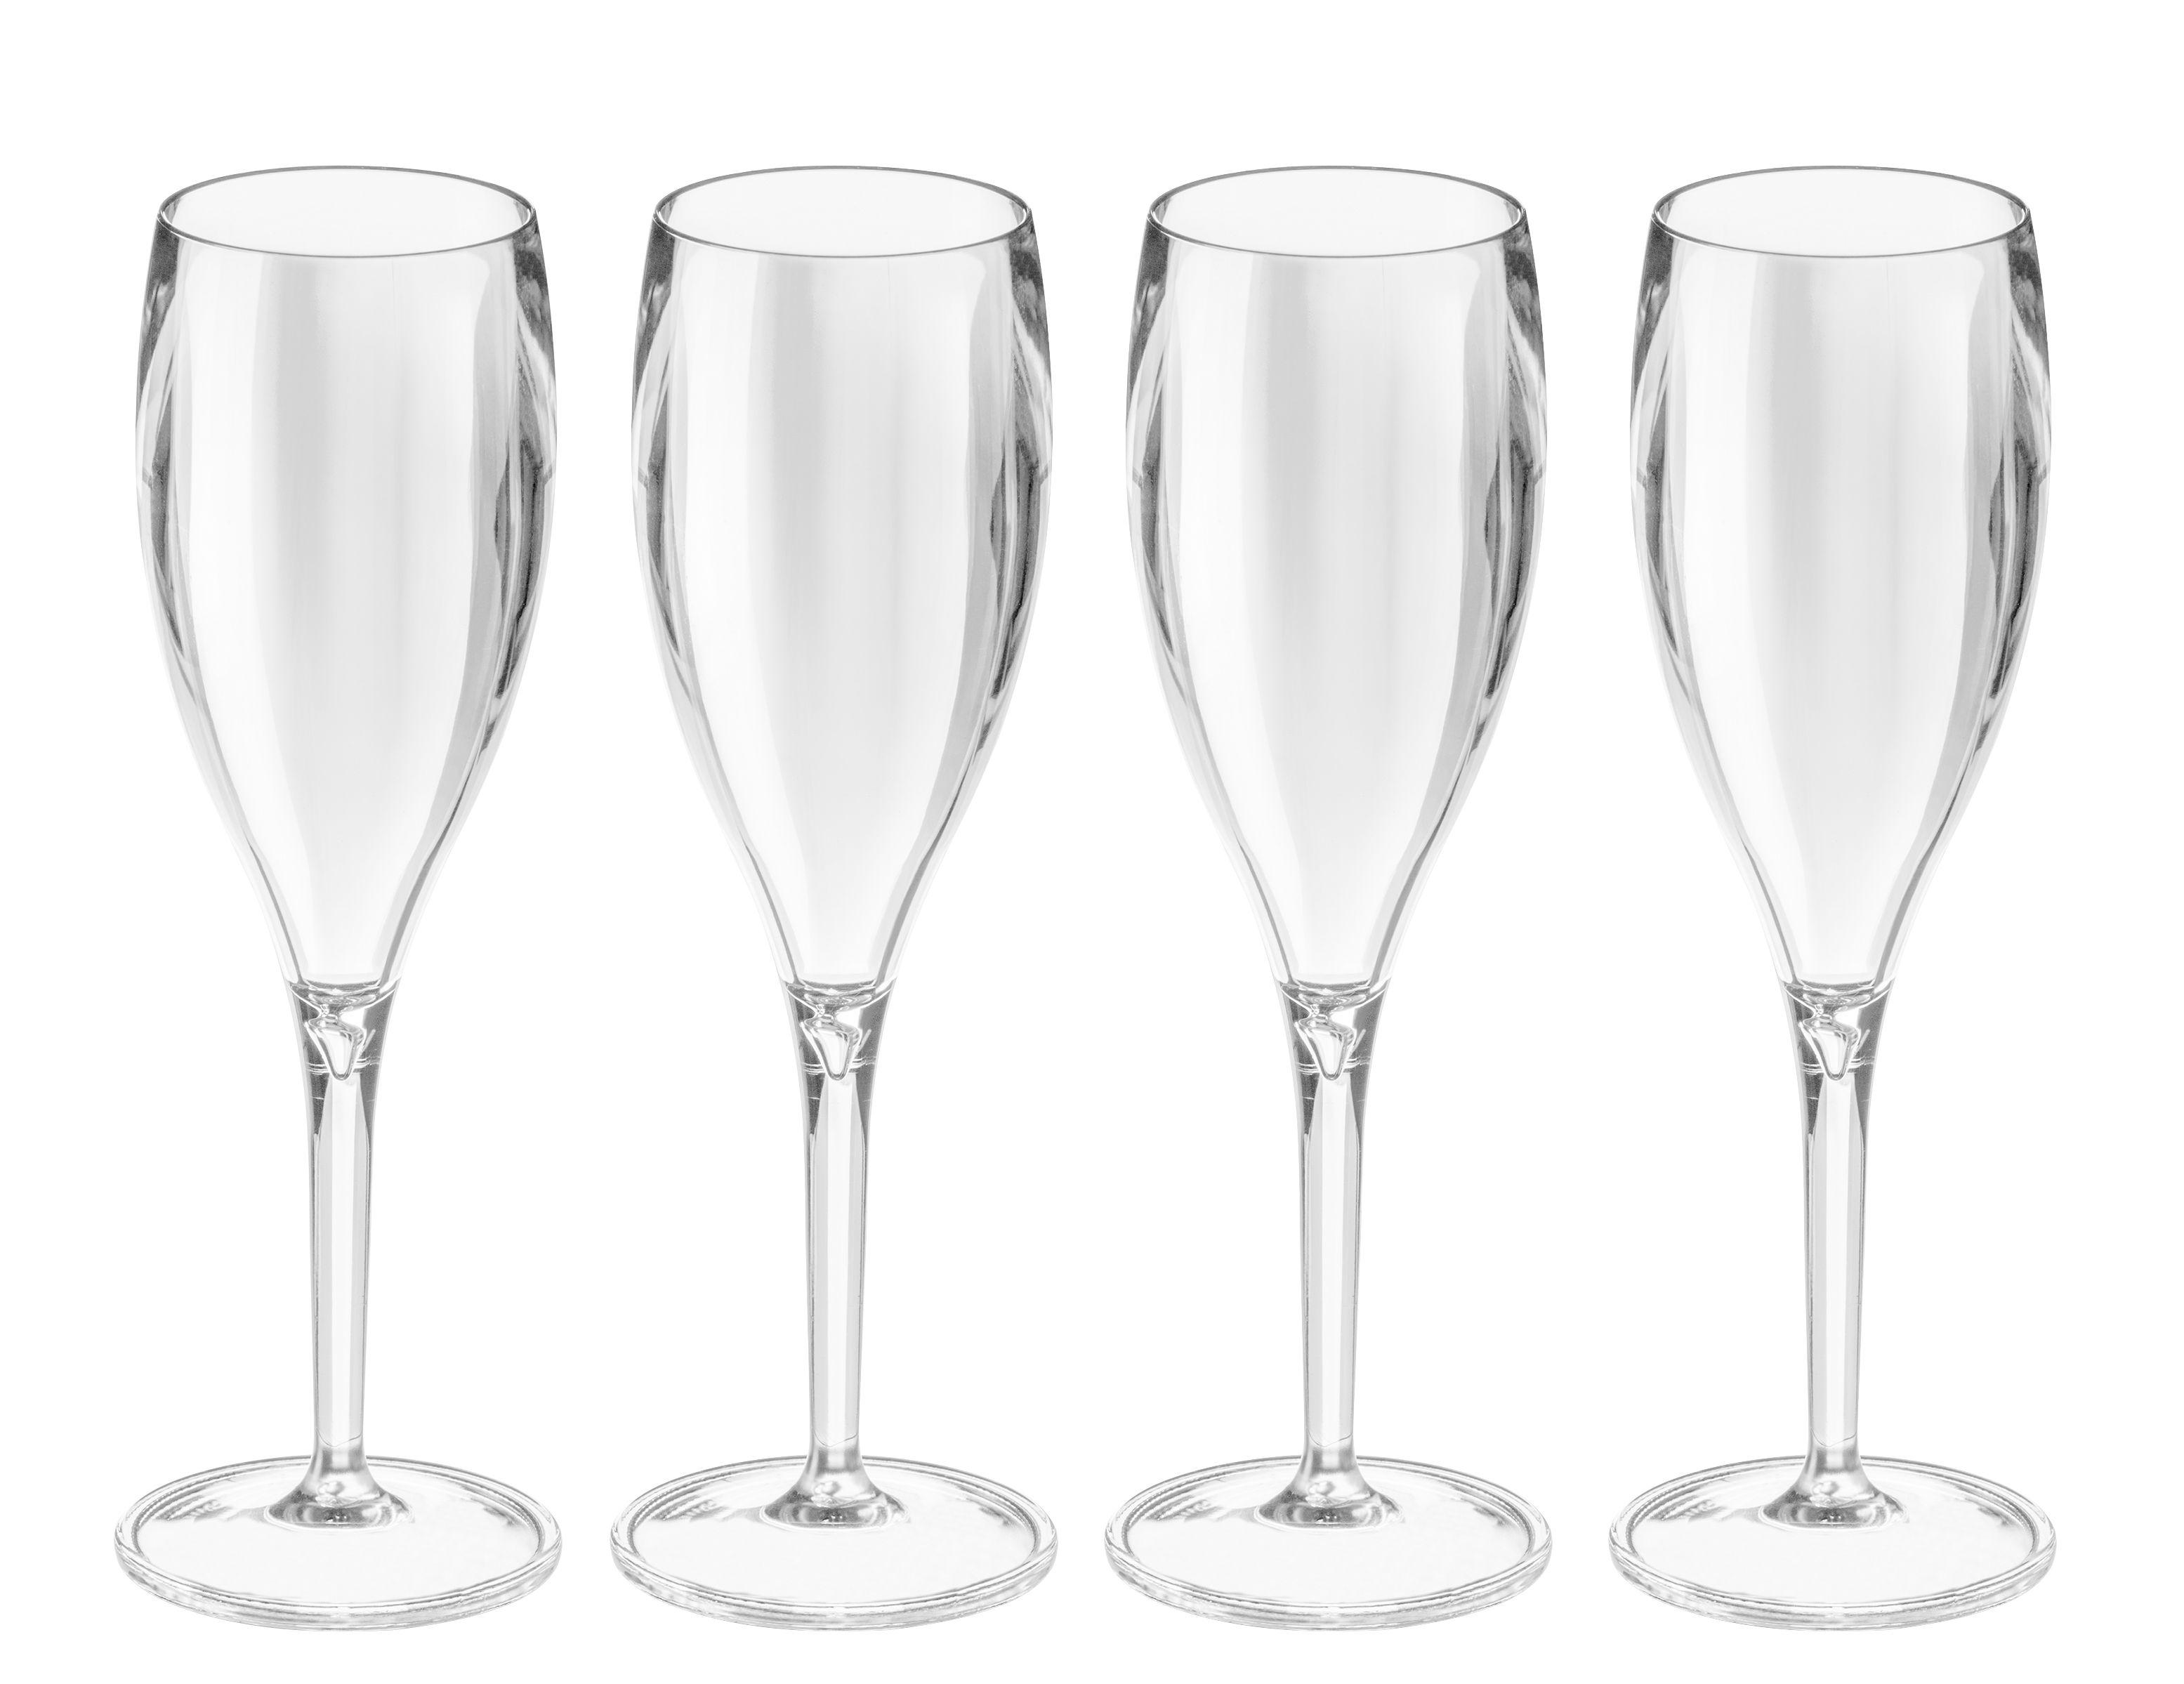 Arts de la table - Verres  - Flûte à champagne Cheers NO. 1 / Plastique - Lot de 4 - Koziol - Transparent - Plastique